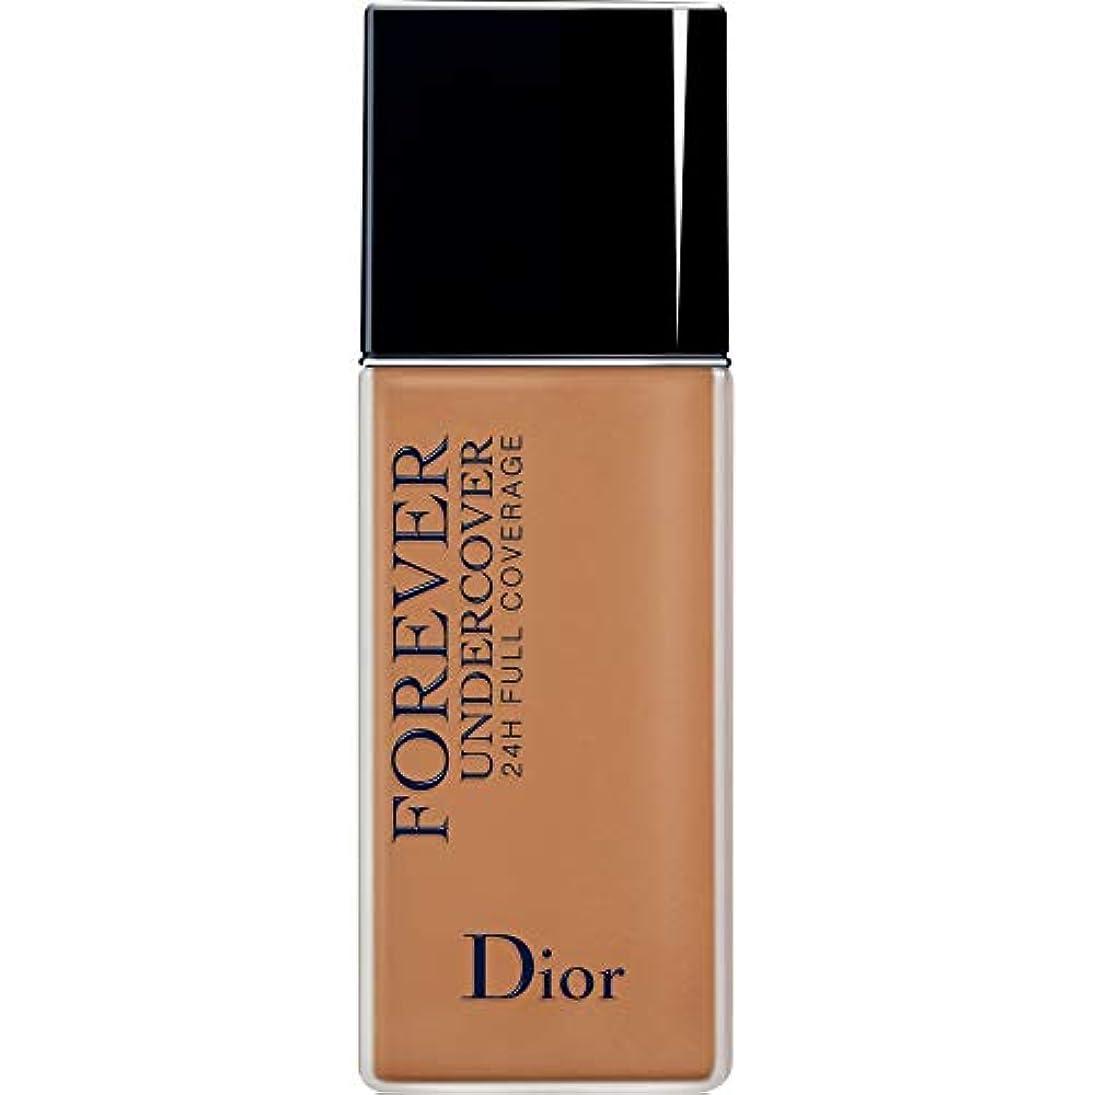 あさりカーフアーティファクト[Dior ] ディオールディオールスキン永遠アンダーカバーフルカバーの基礎40ミリリットル051 - プラリネ - DIOR Diorskin Forever Undercover Full Coverage Foundation...